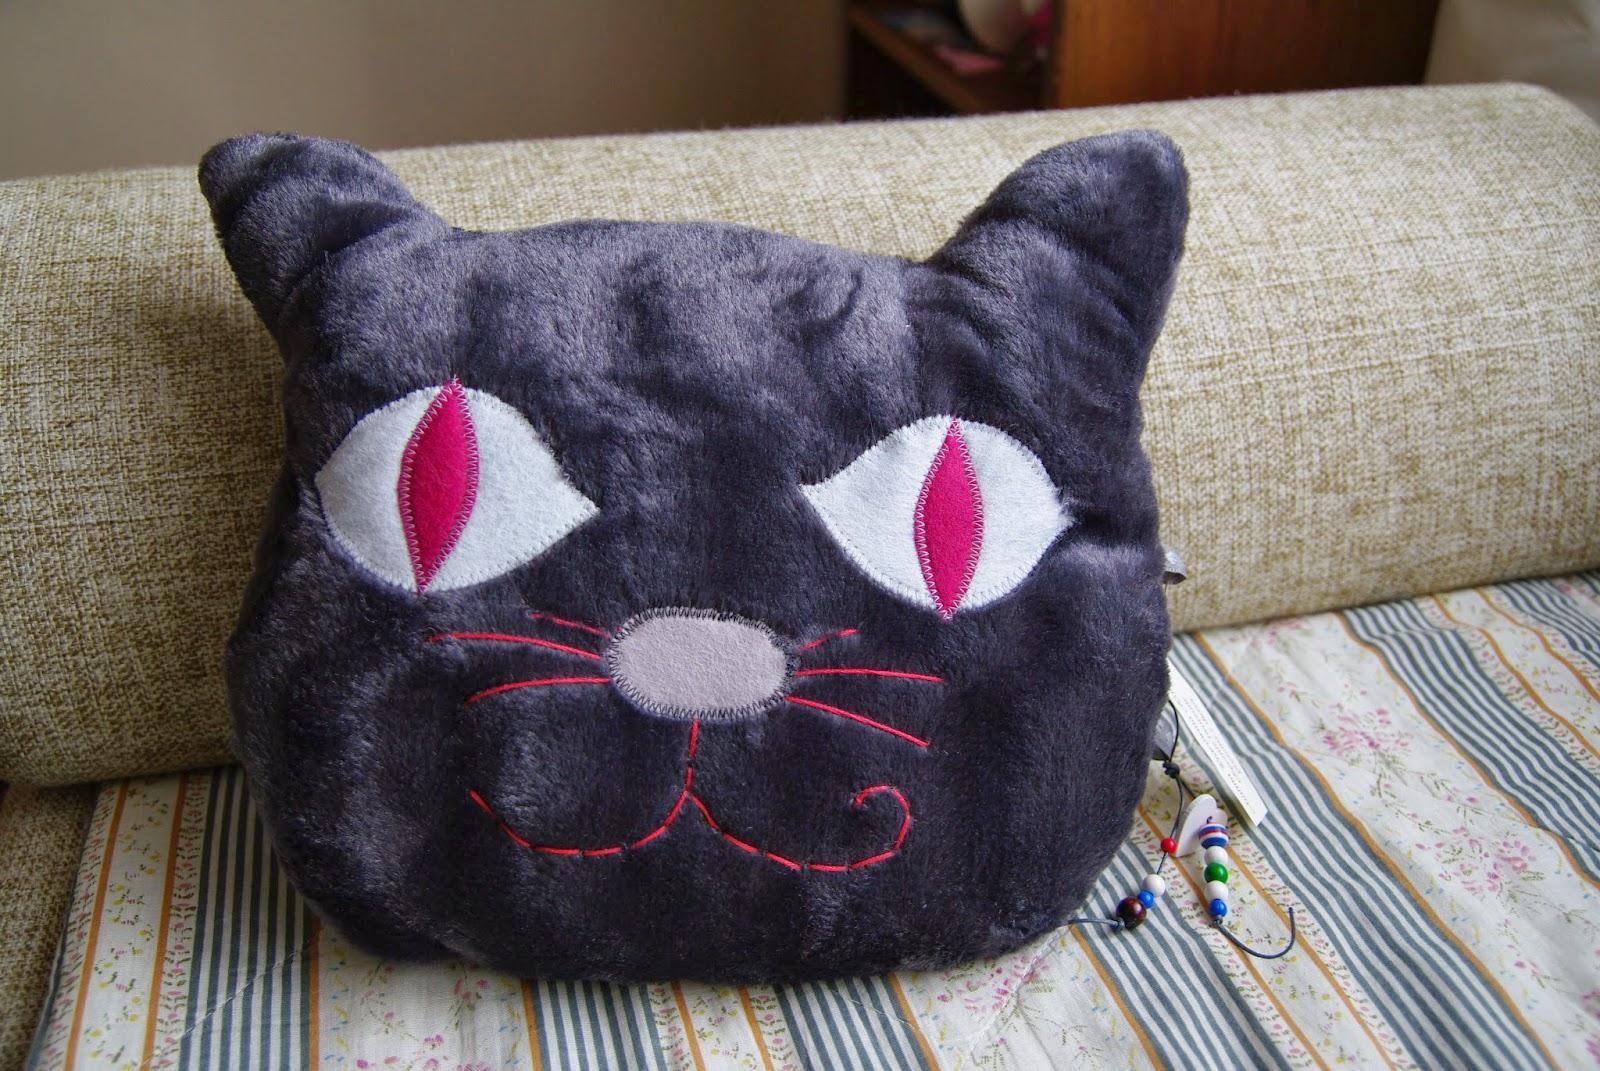 poduszka w kształcie głowy kota